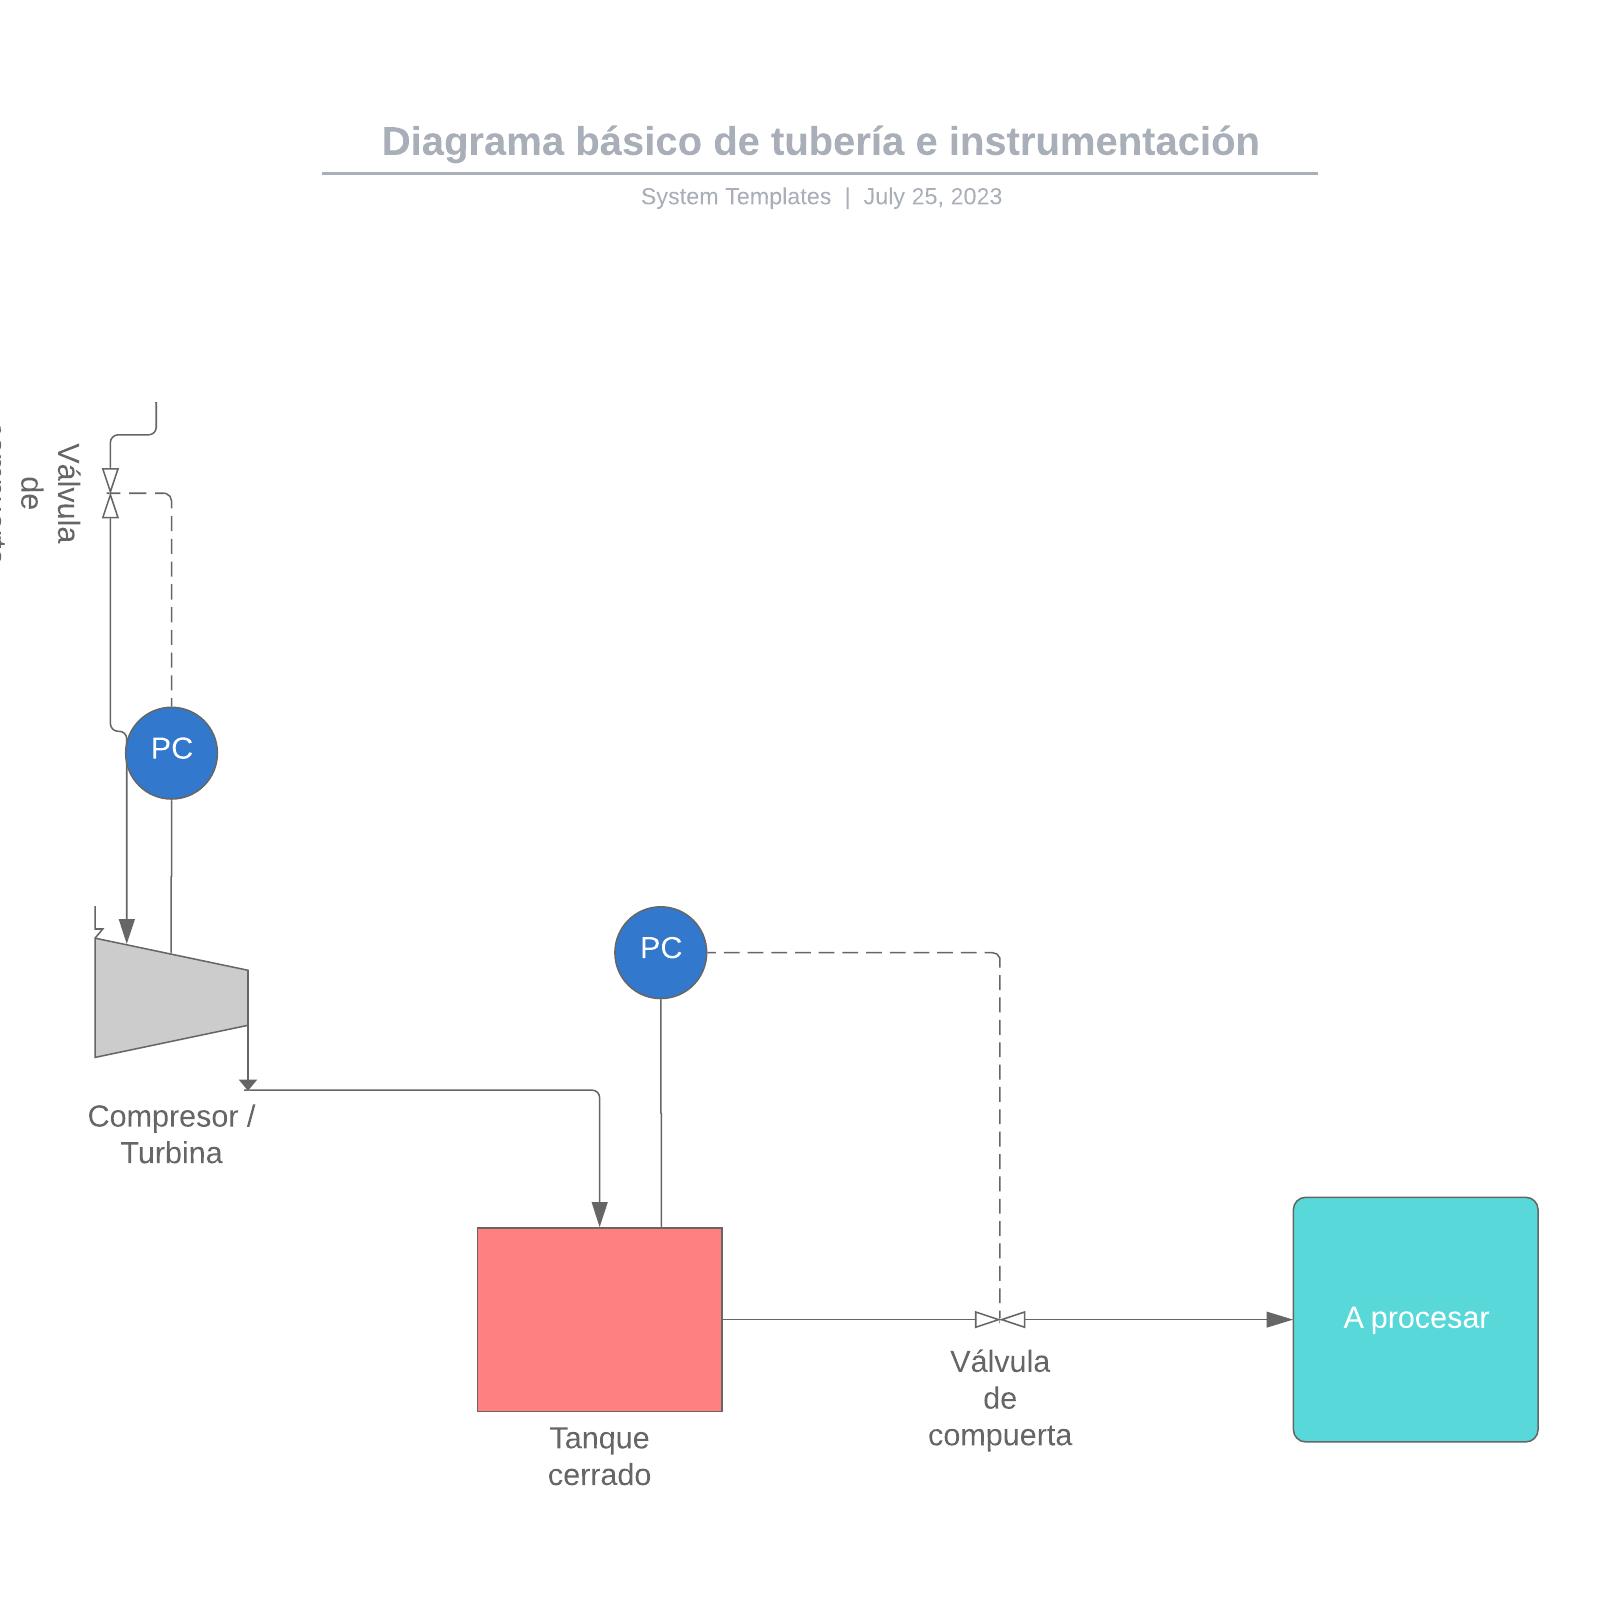 Diagrama básico de tubería e instrumentación